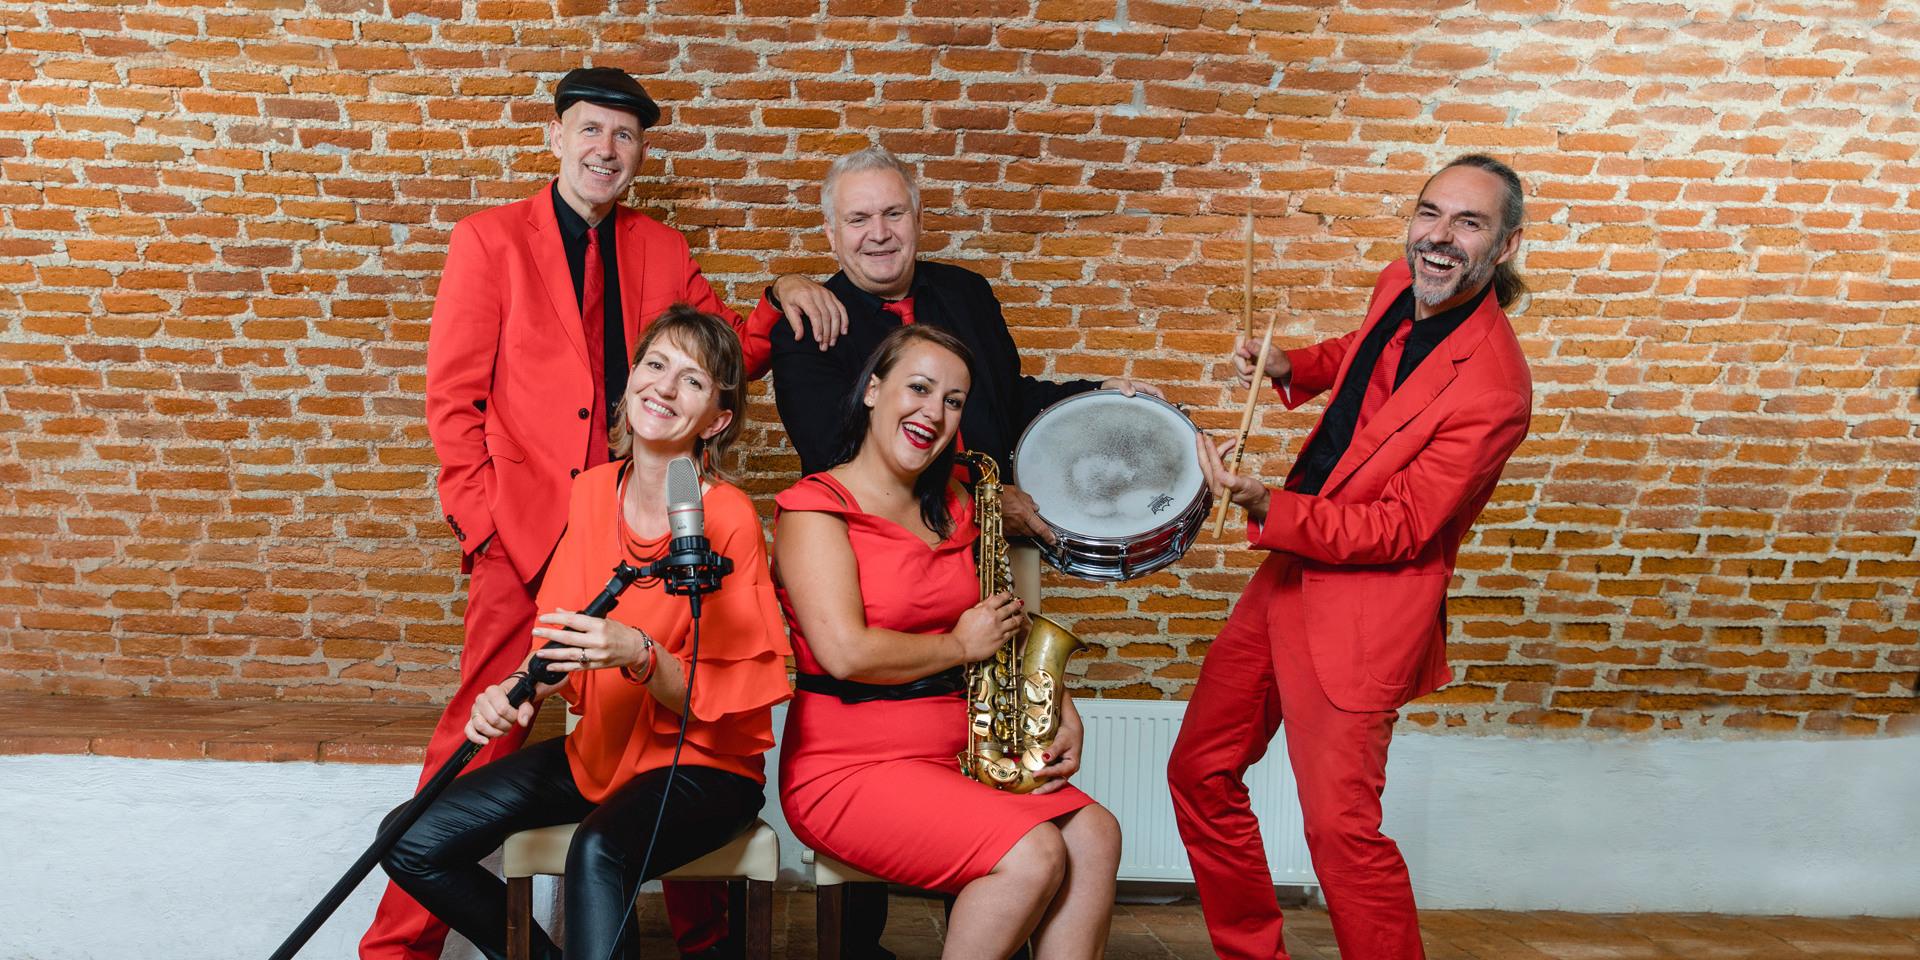 Hochzeitsband Voices And Music im Quintett, Tanzmusik Oberösterreich Tanzband Partyband